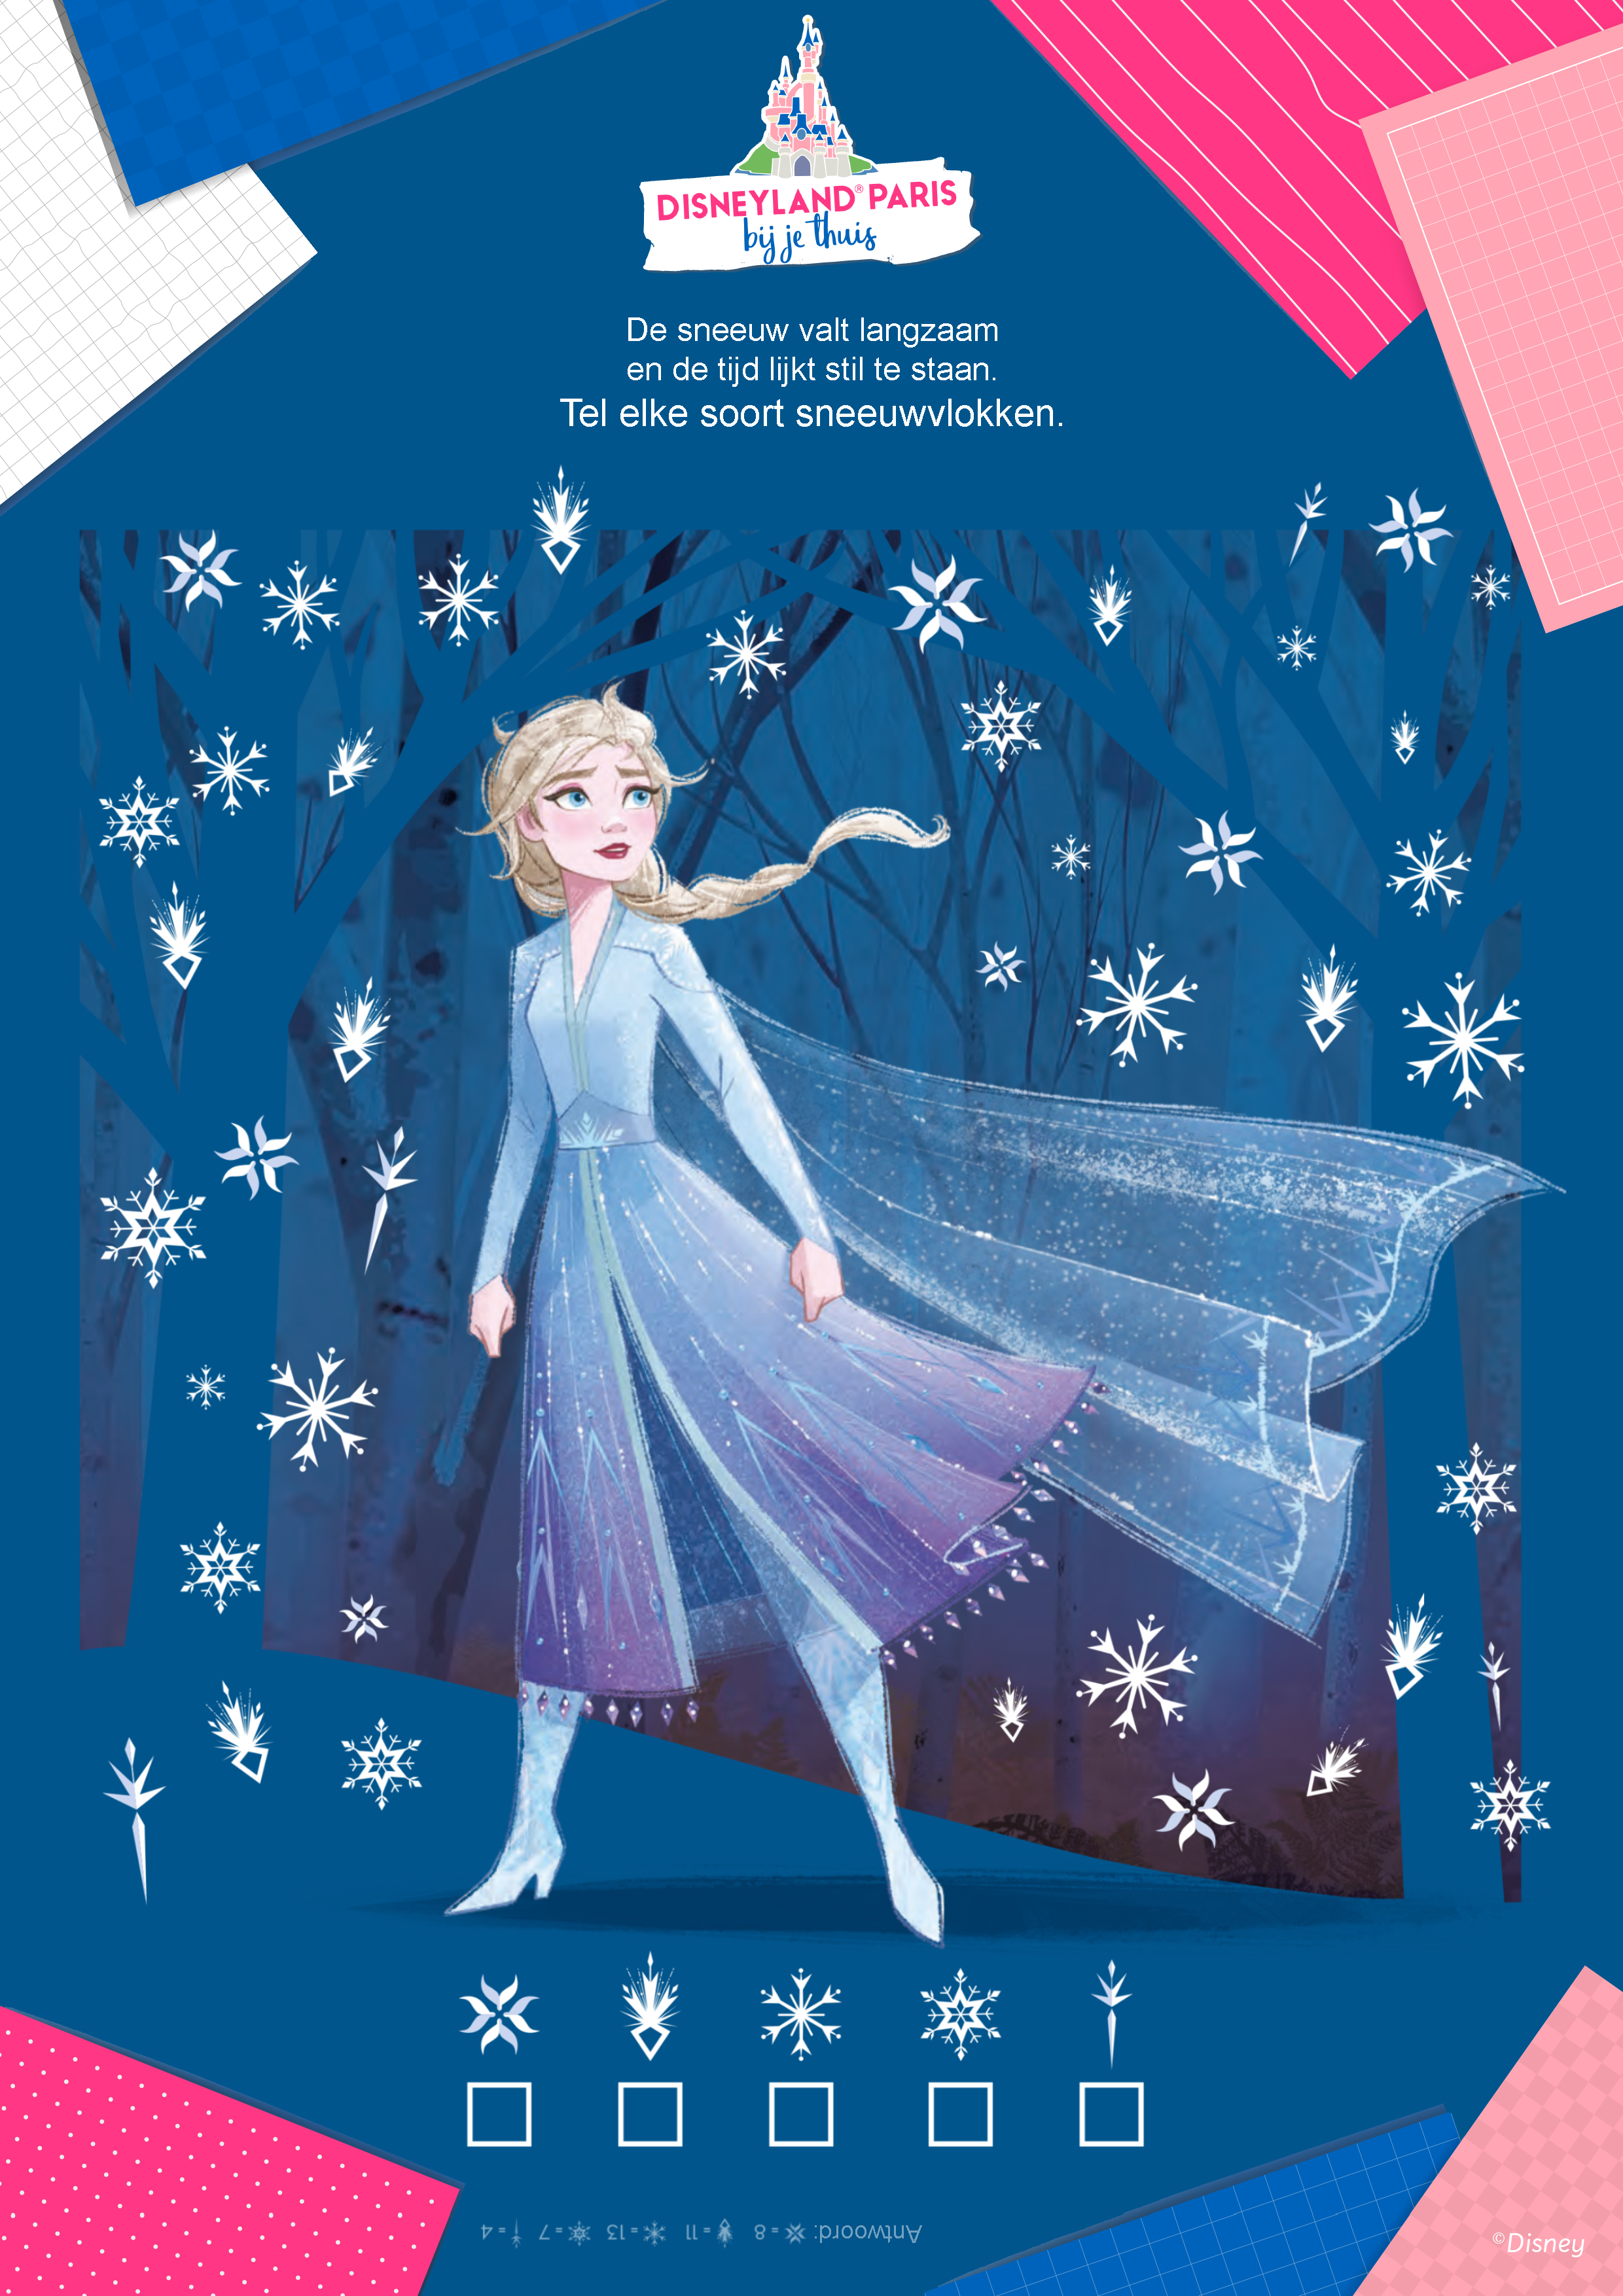 Sneeuwvlokken tellen met Elsa